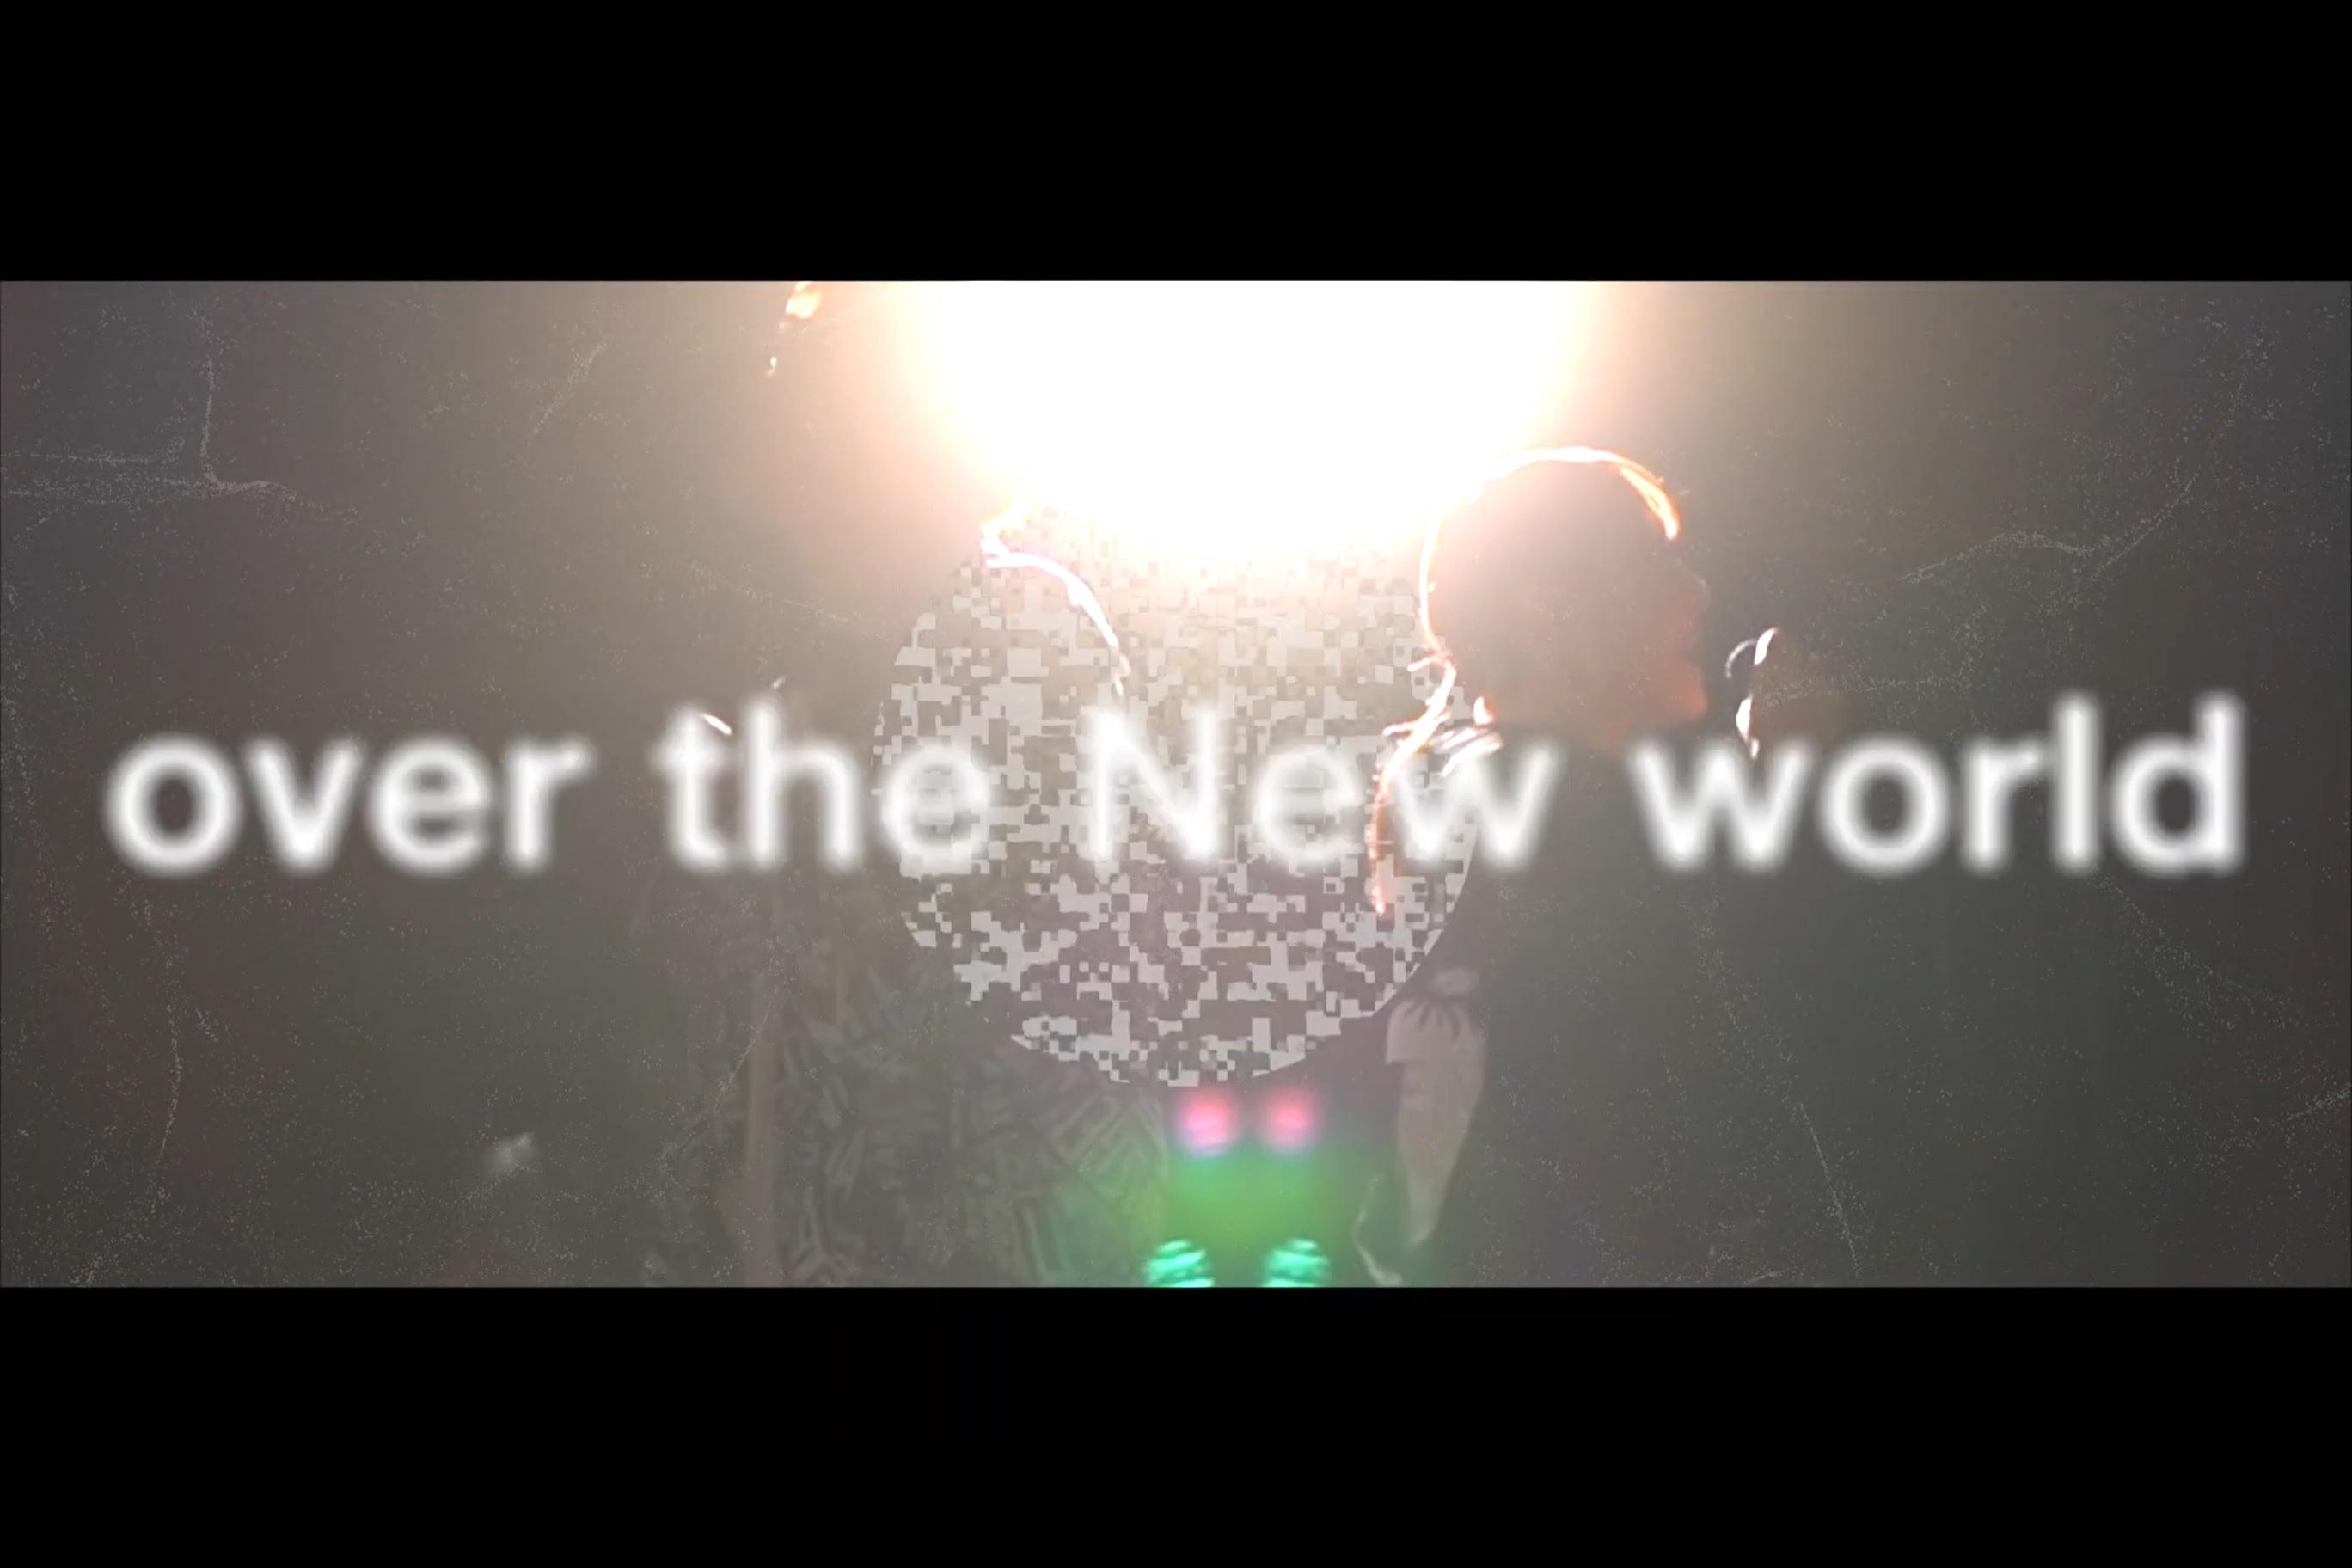 スペシャルパートナーふまここ.が手掛けるテーマソングover the New worldのMVも公開